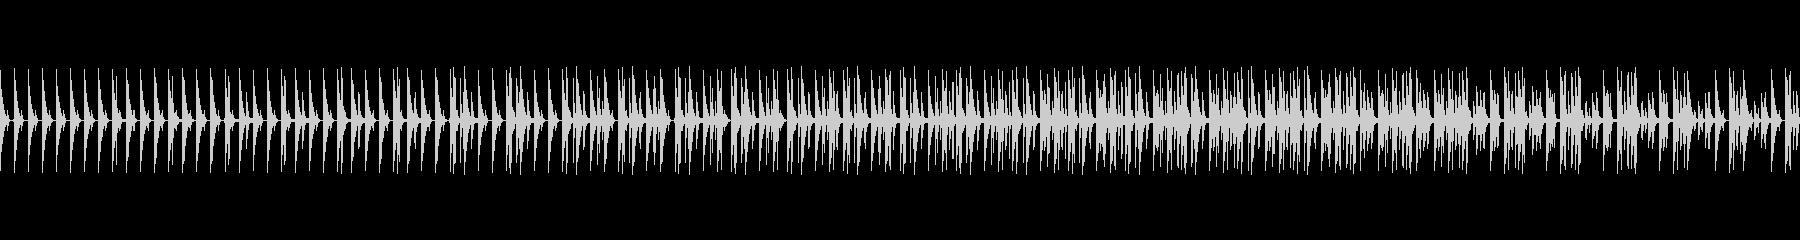 明るくポップなドラムループ、ポンッ03の未再生の波形